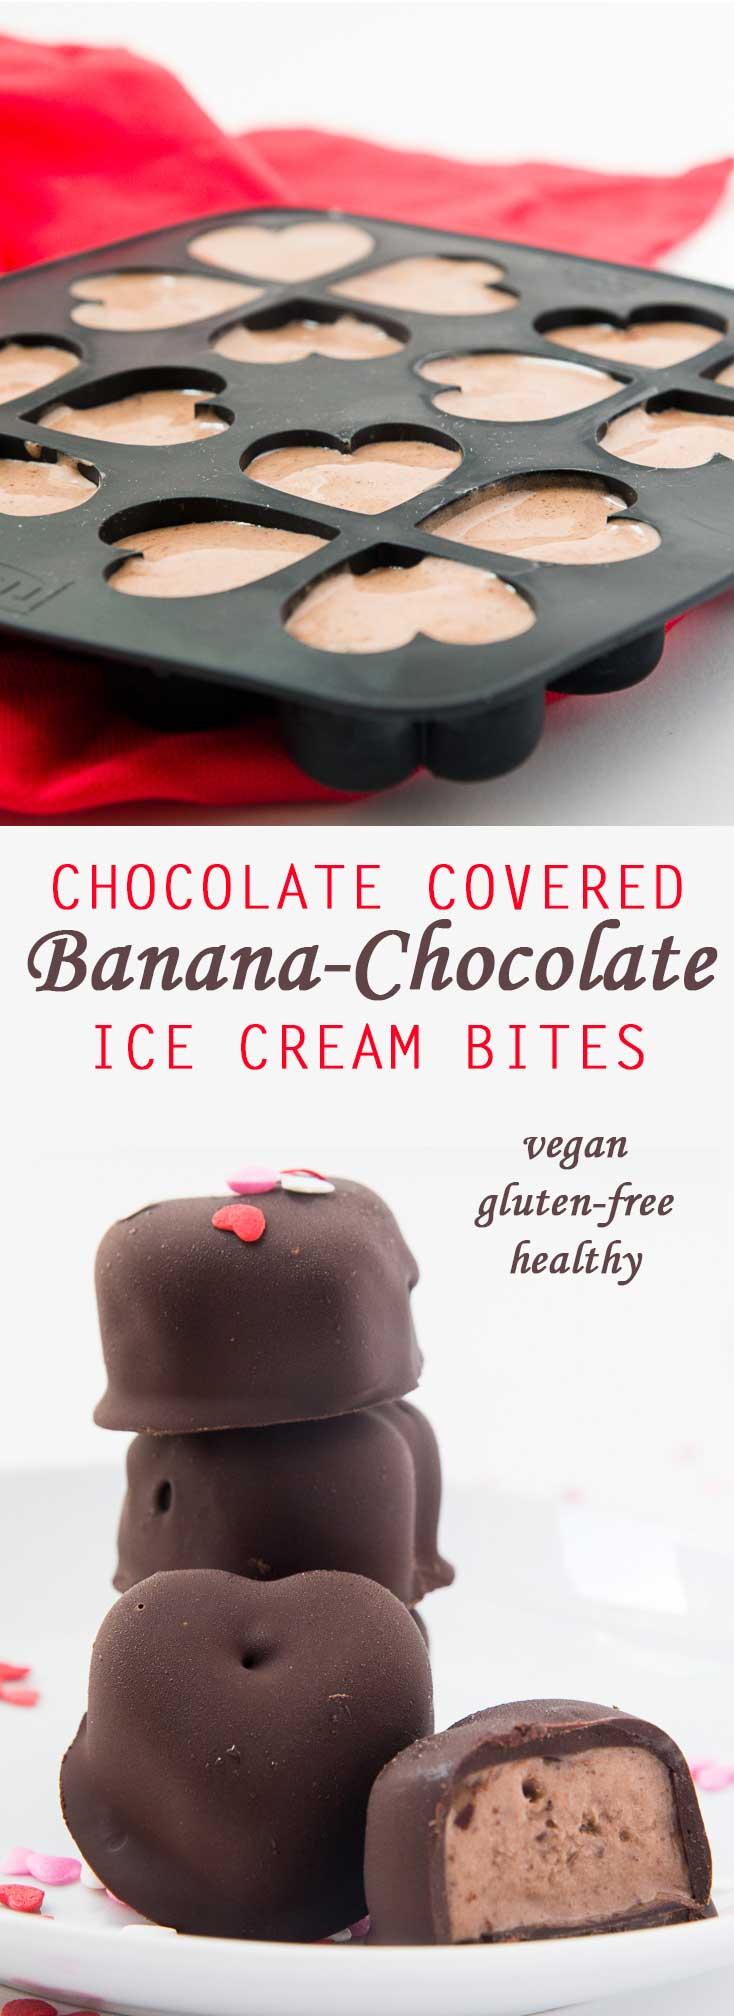 Chocolate Covered Banana-Chocolate Ice Cream Bites #vegan #glutenfree #healthy   www.Vegetariangastronomy.com